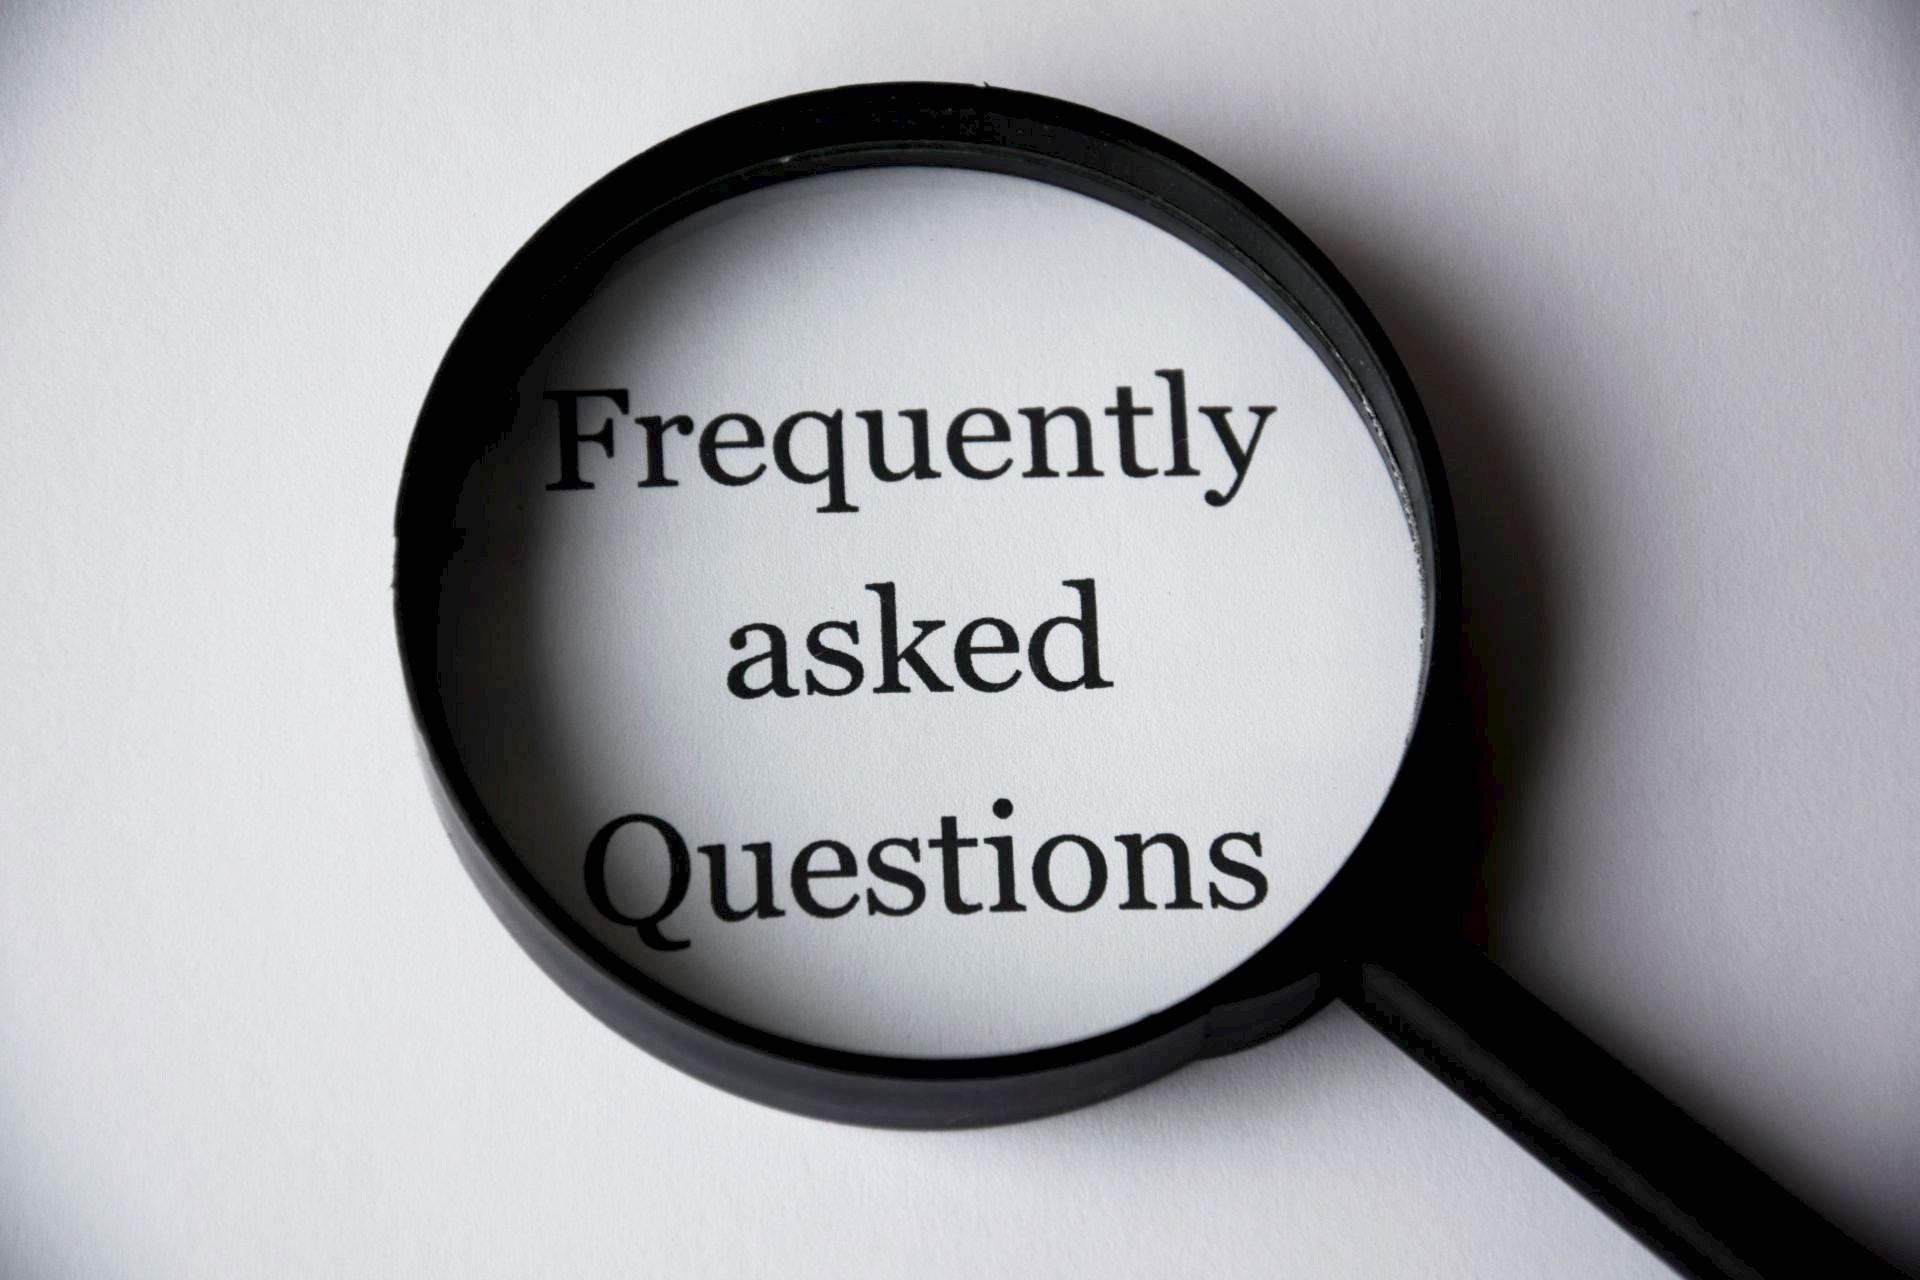 Adhésifs pour le sol : les 10 questions les plus fréquemment posées